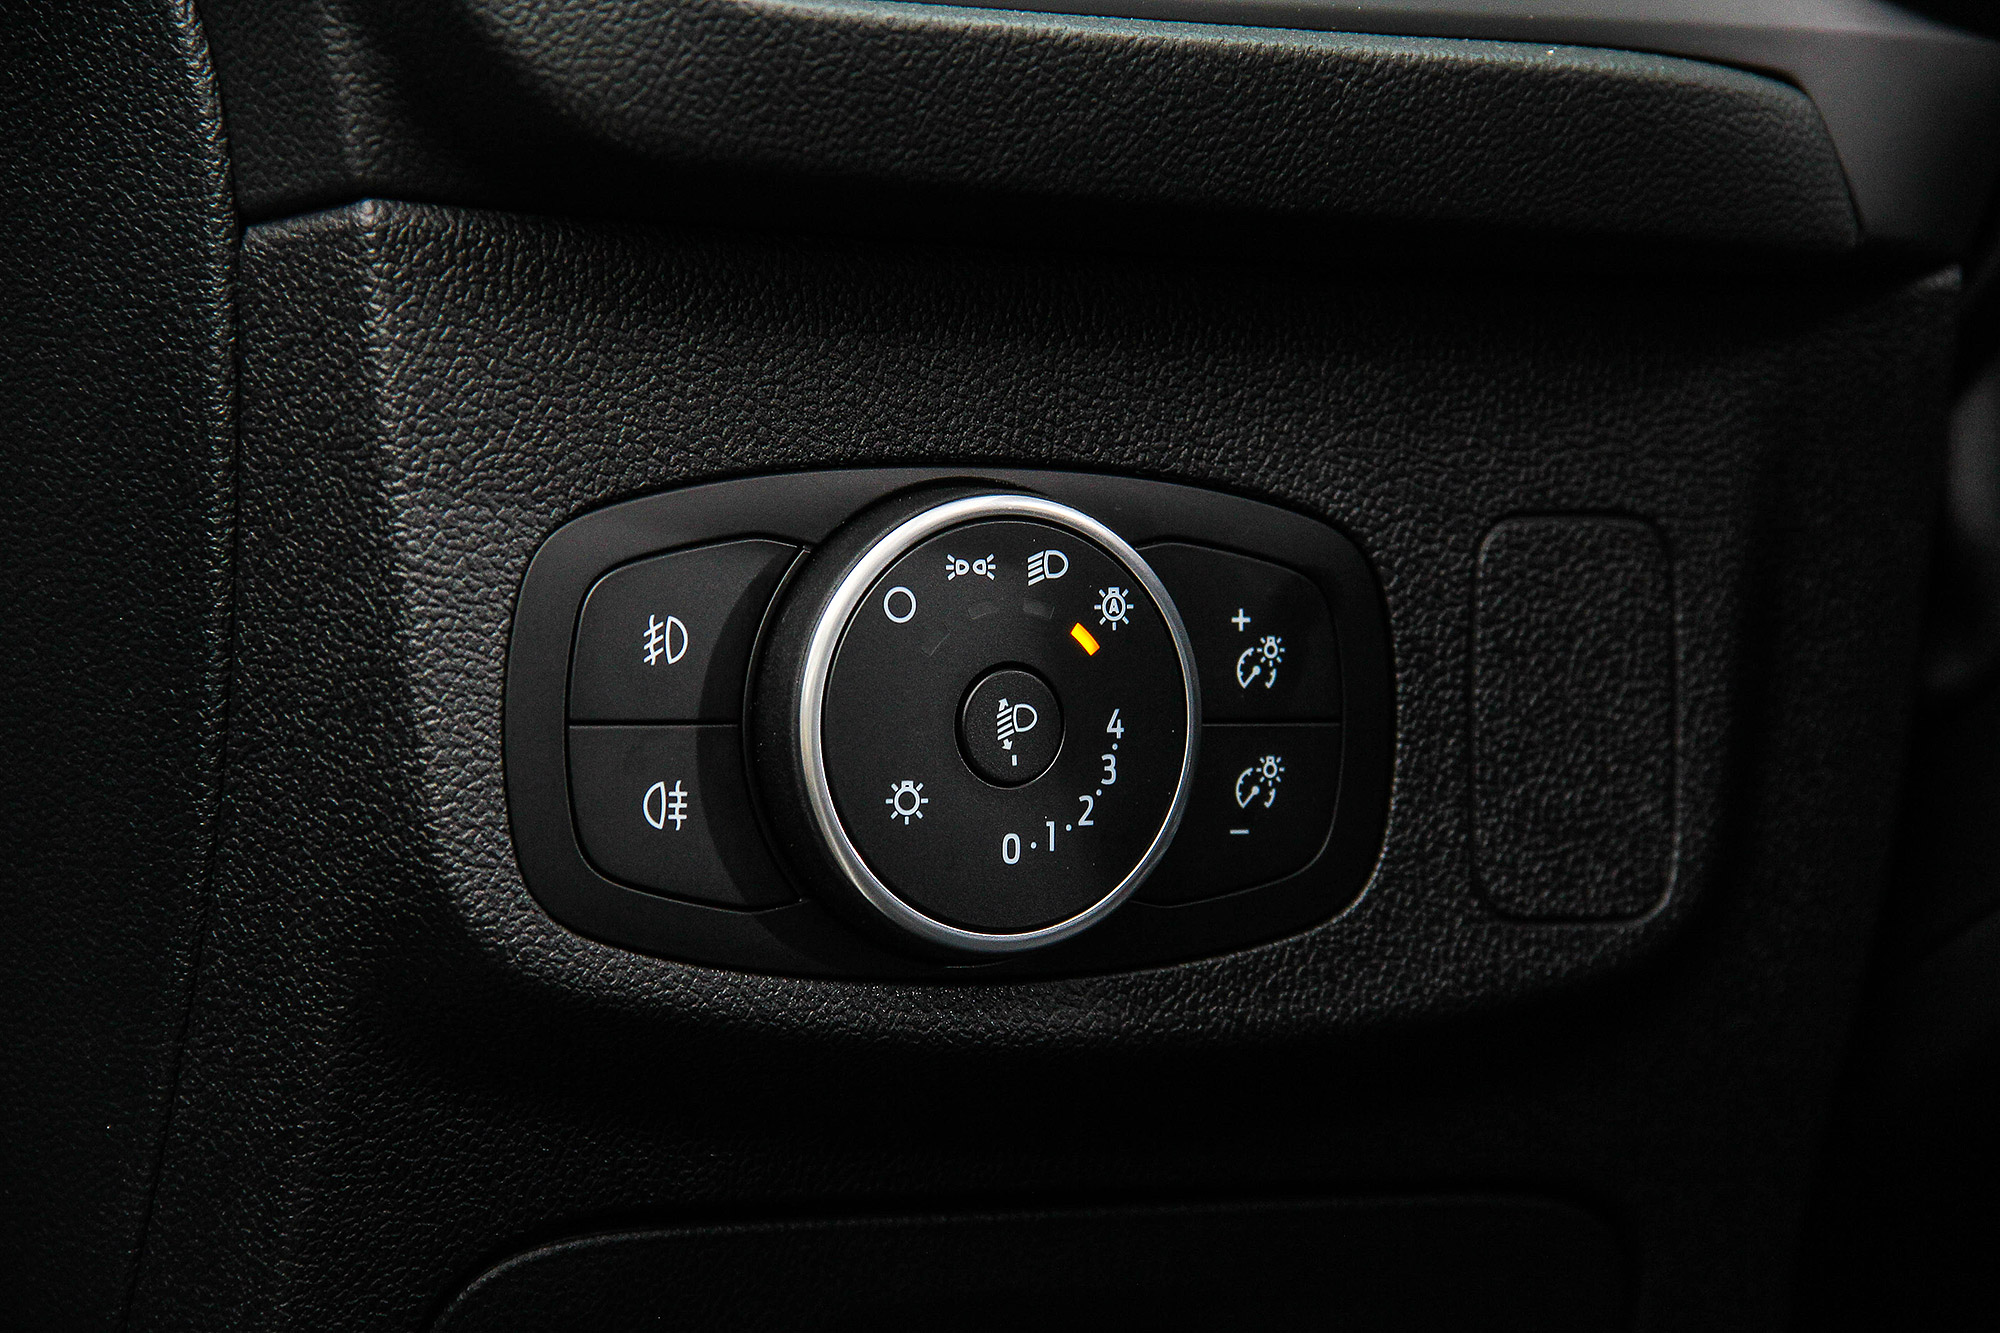 光感應自動頭燈為標準配備。